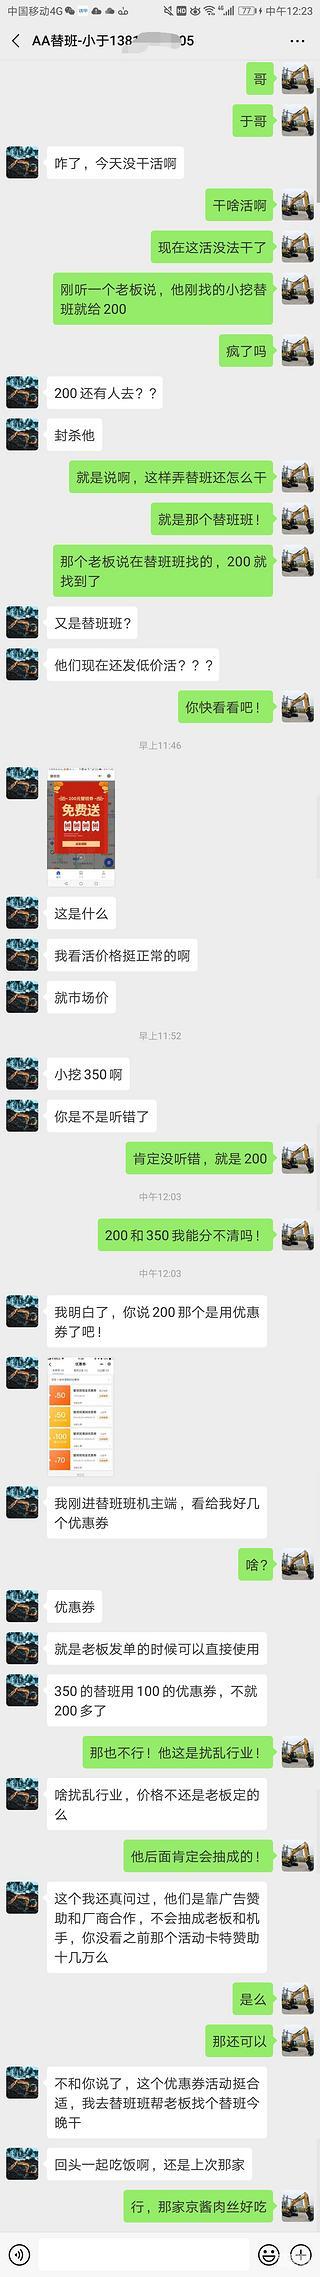 小挖一个班只要200!北京替班群炸锅了!!!